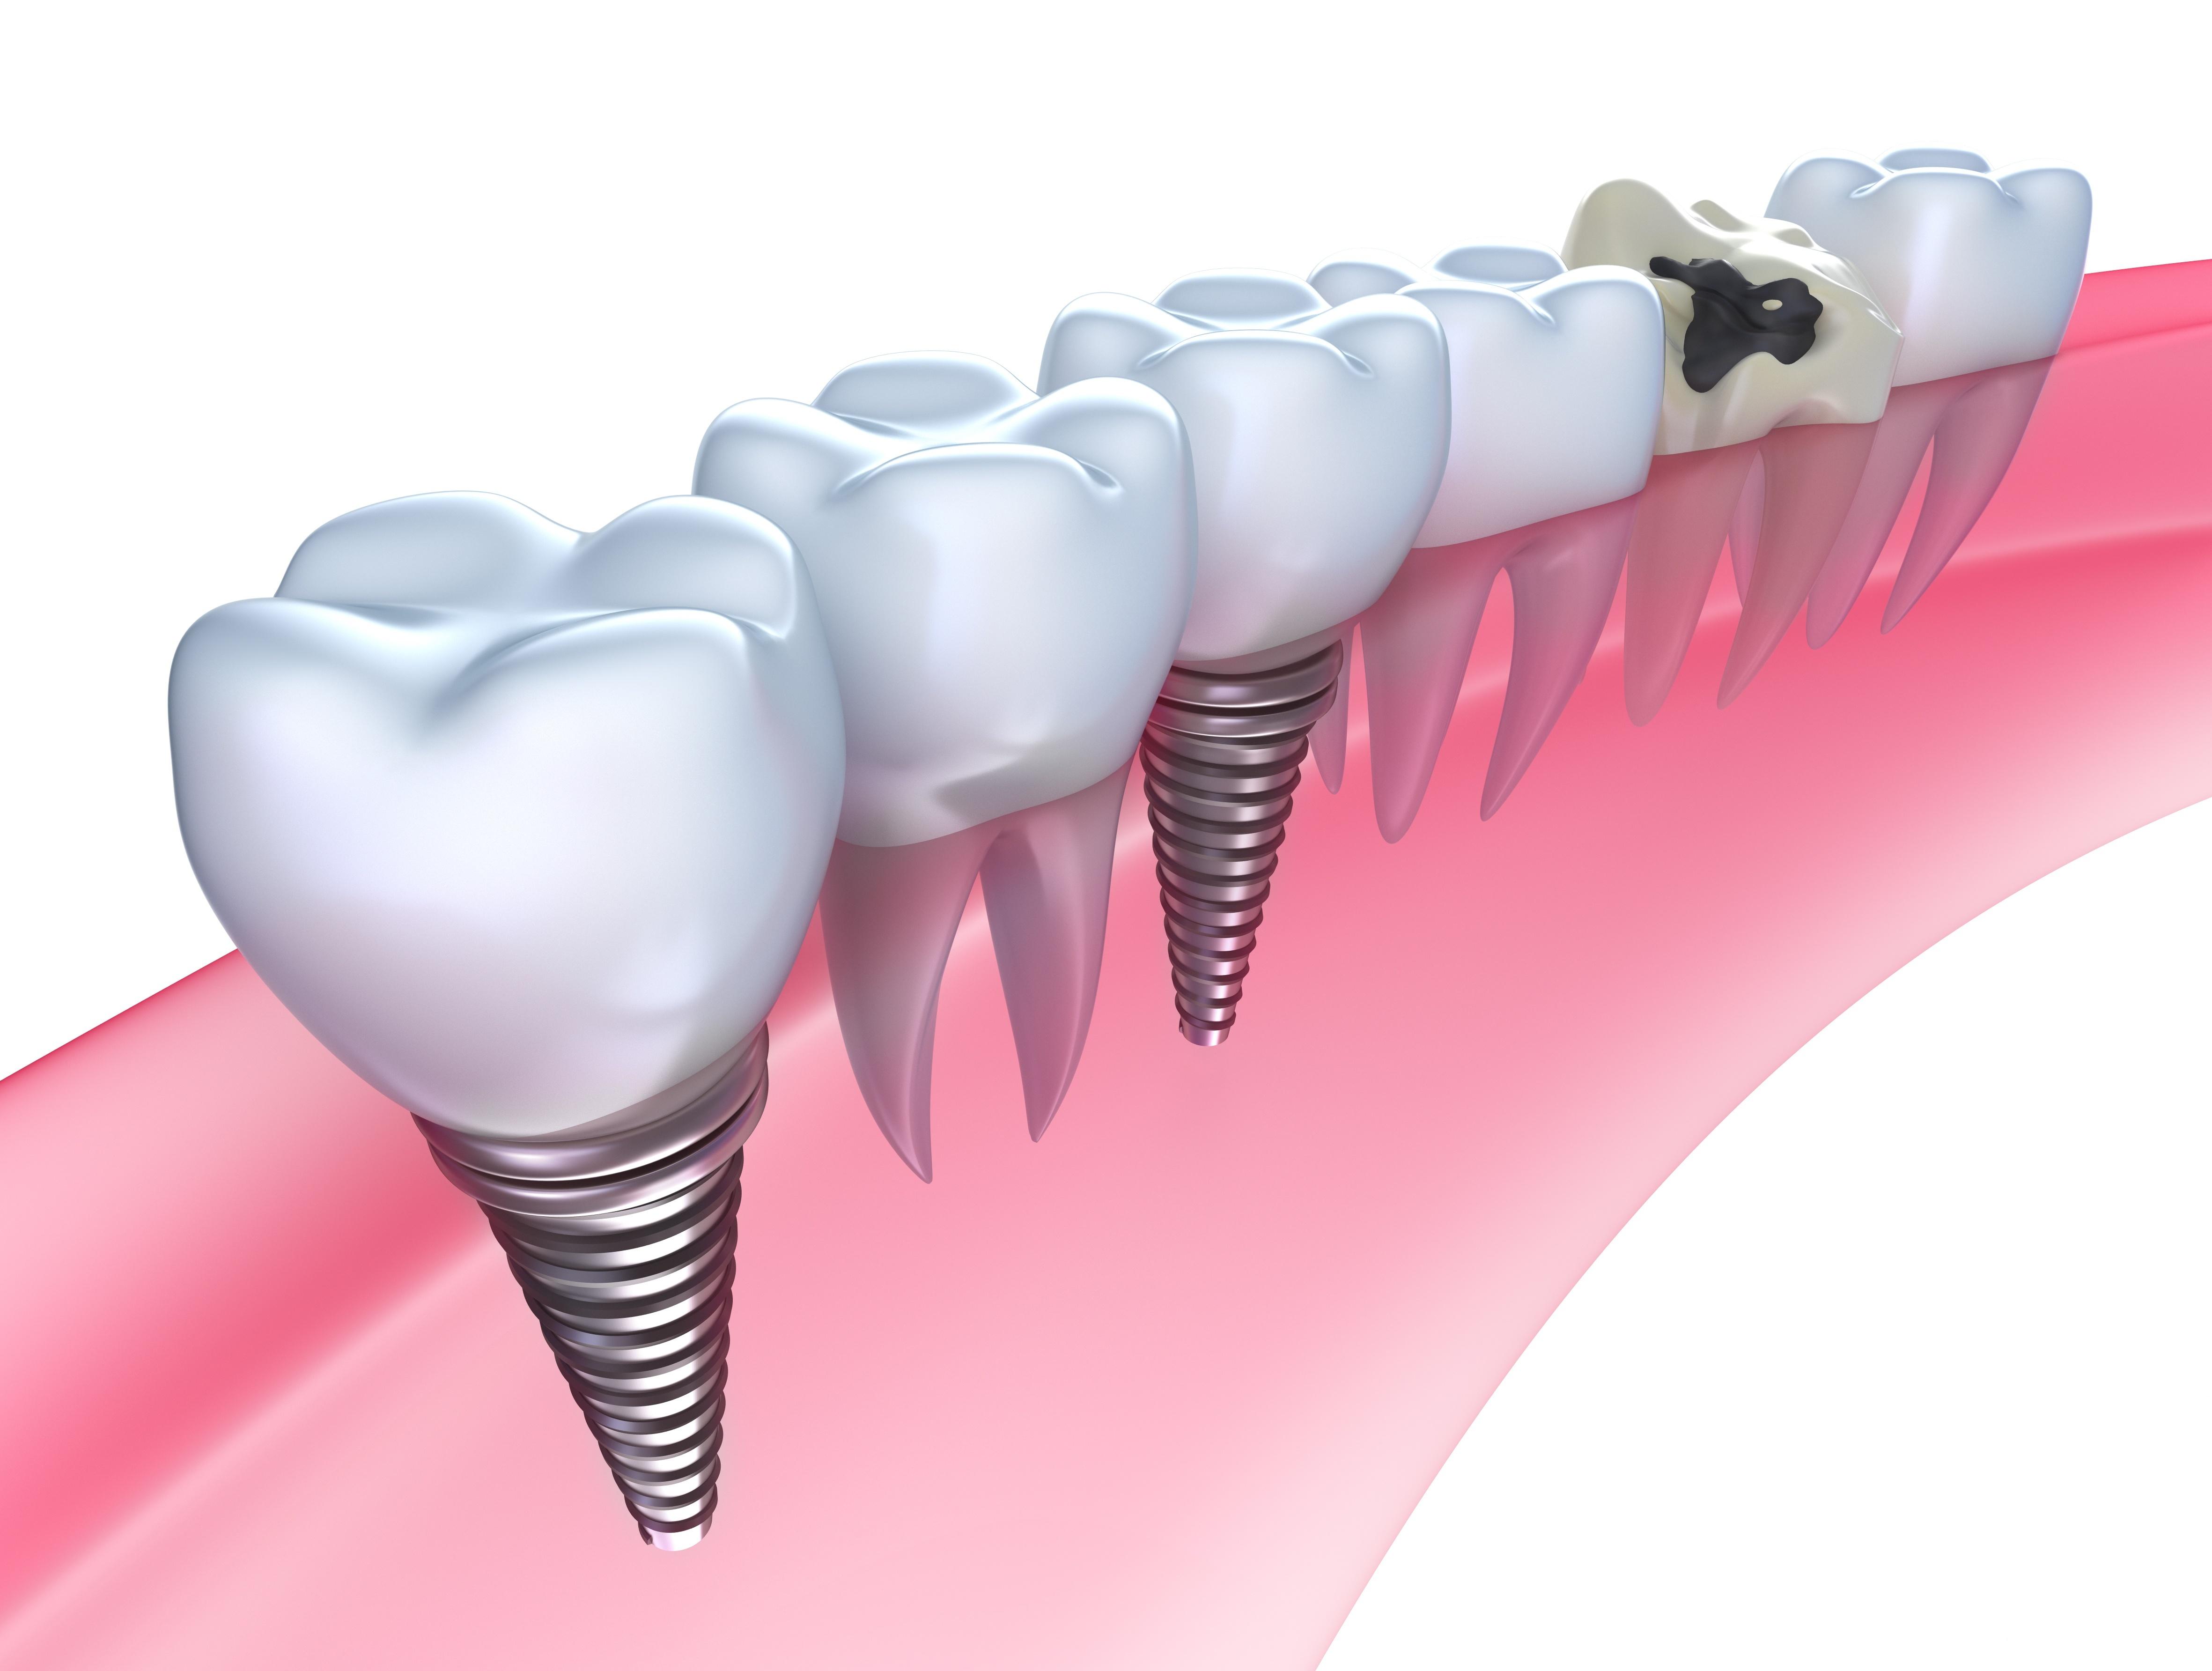 Dental Implants in Saint Augustine